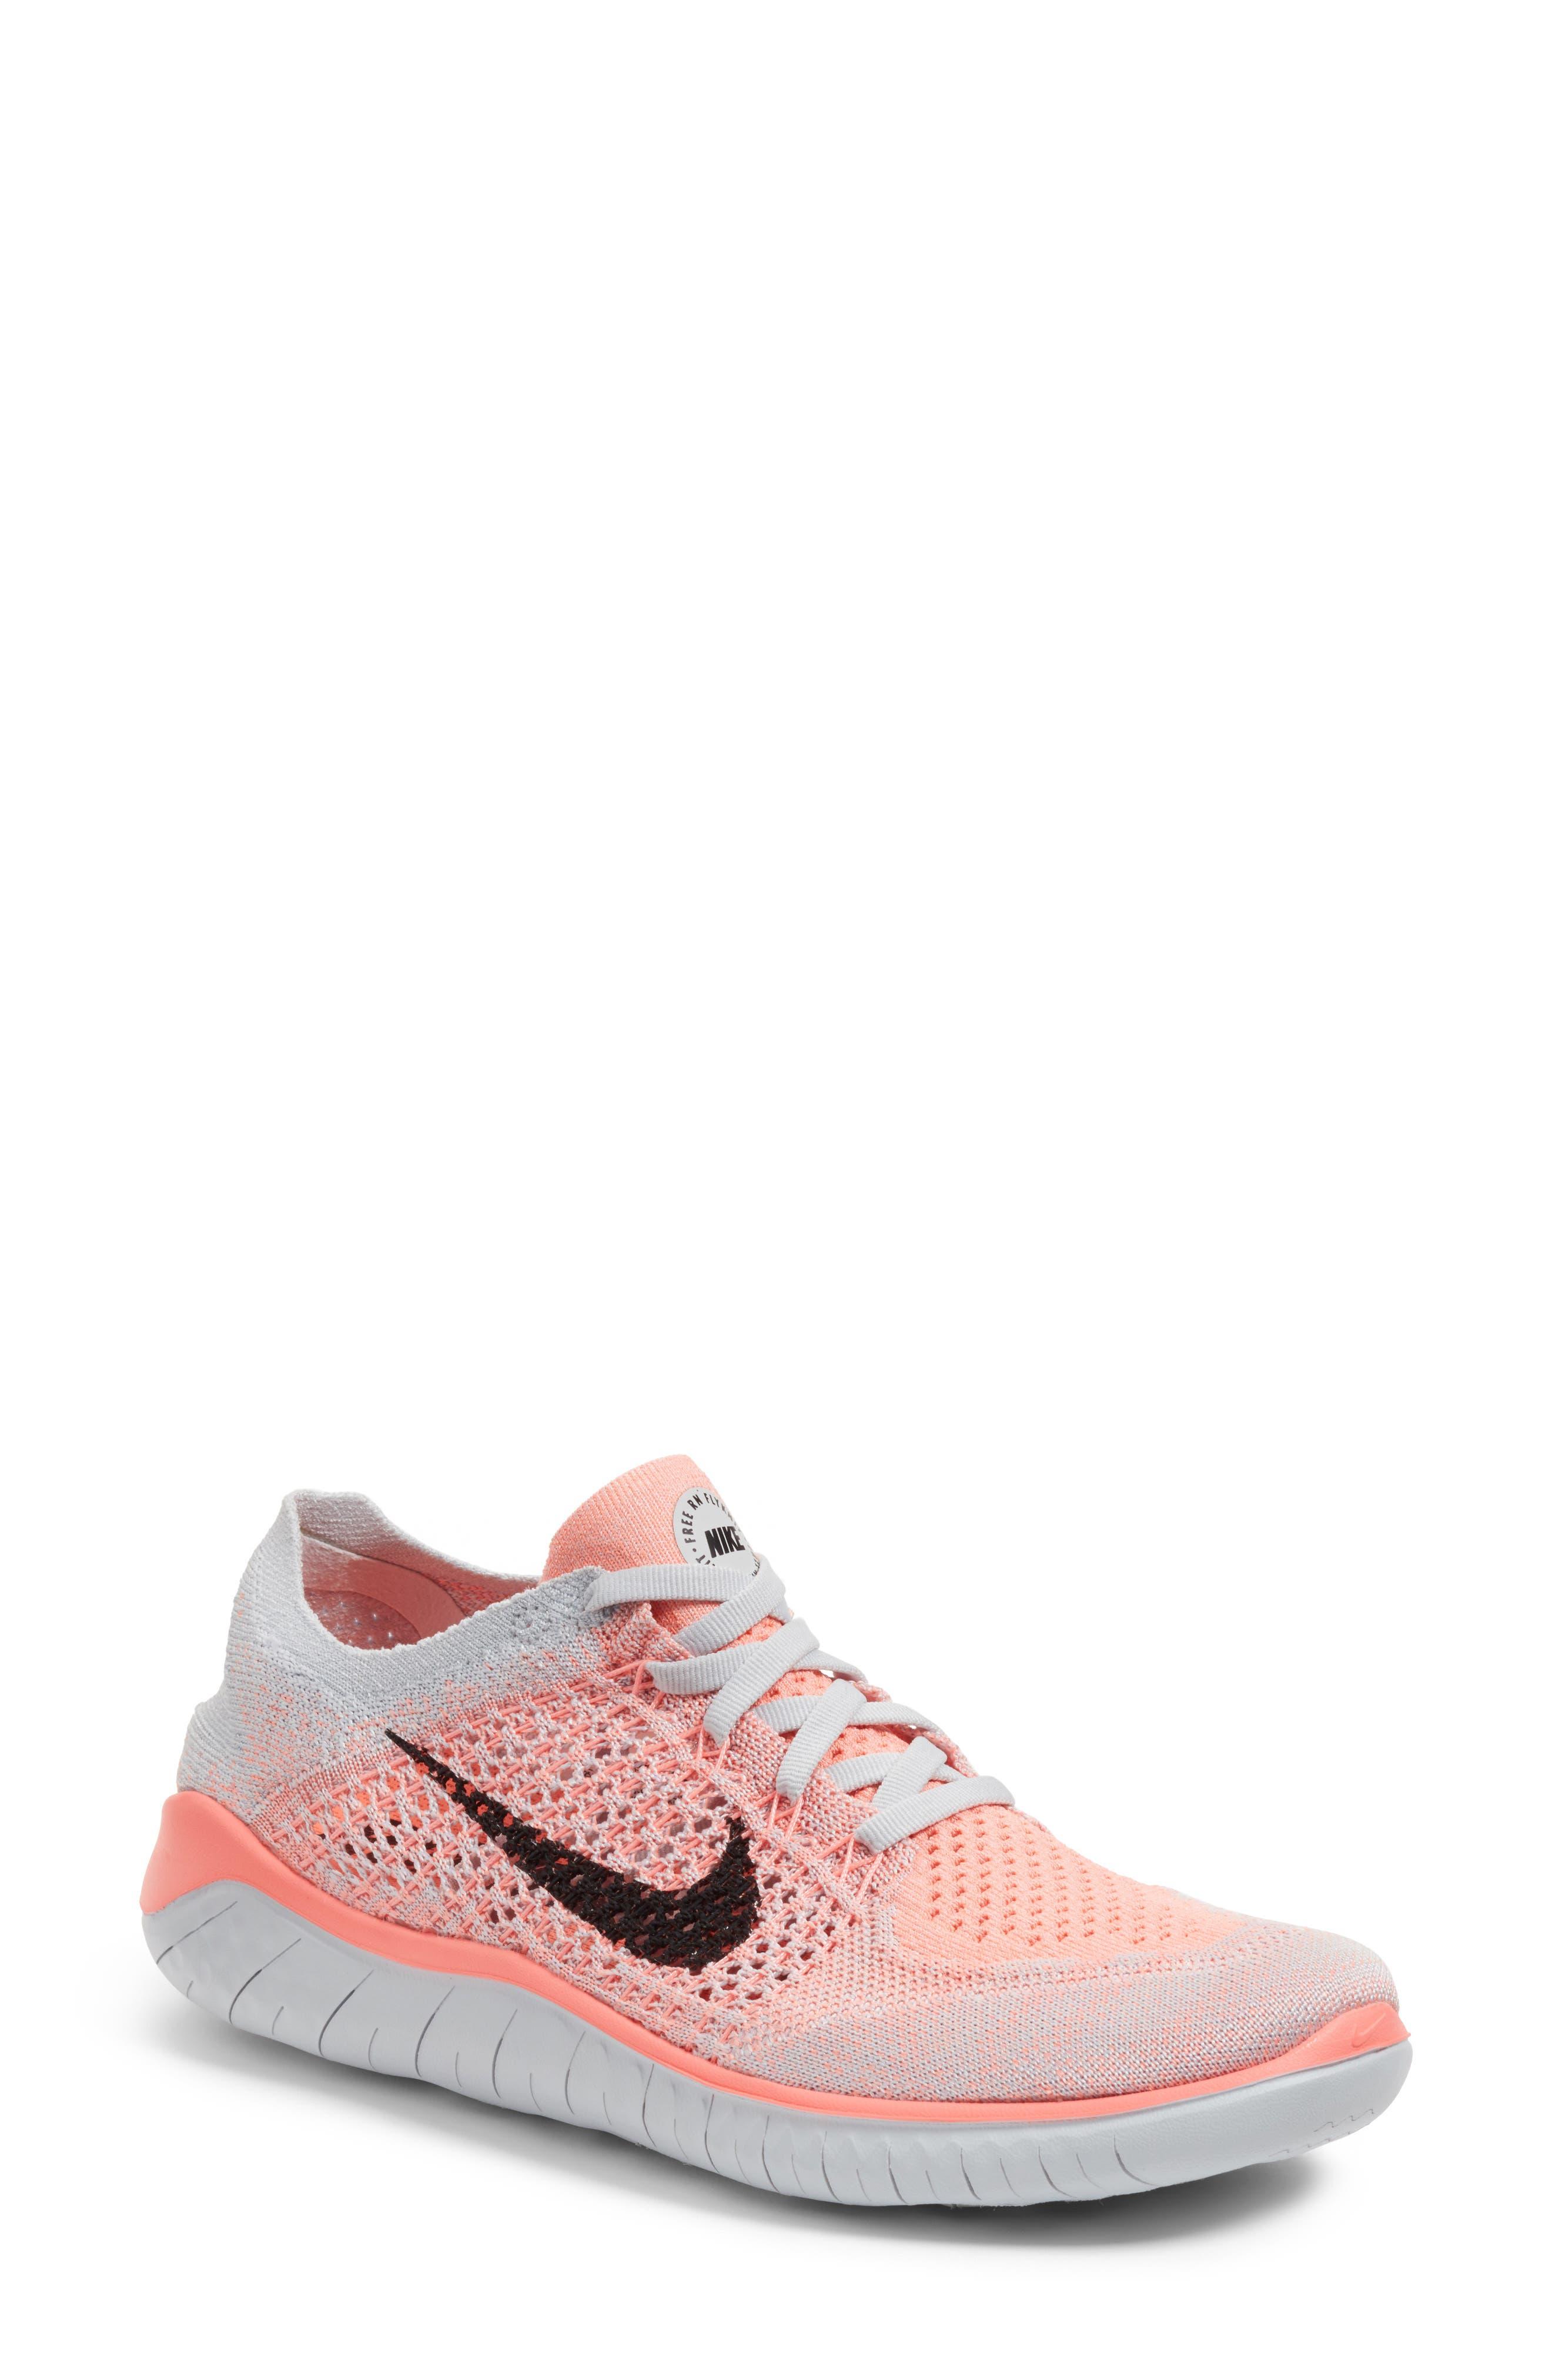 Nike Free RN Flyknit 2018 Running Shoe (Women)